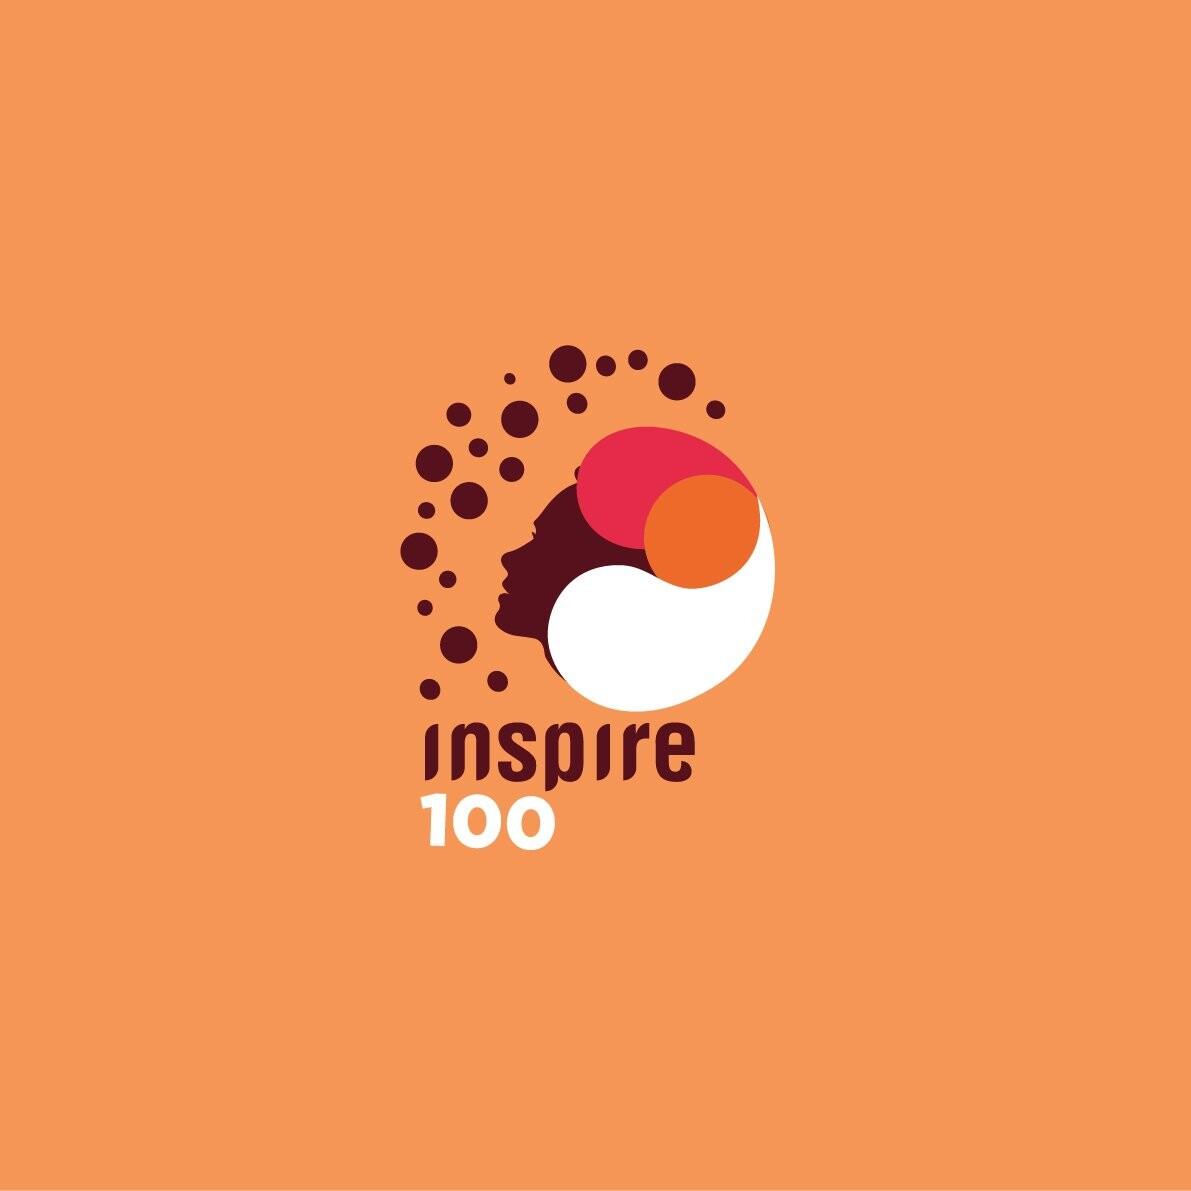 Inspire100